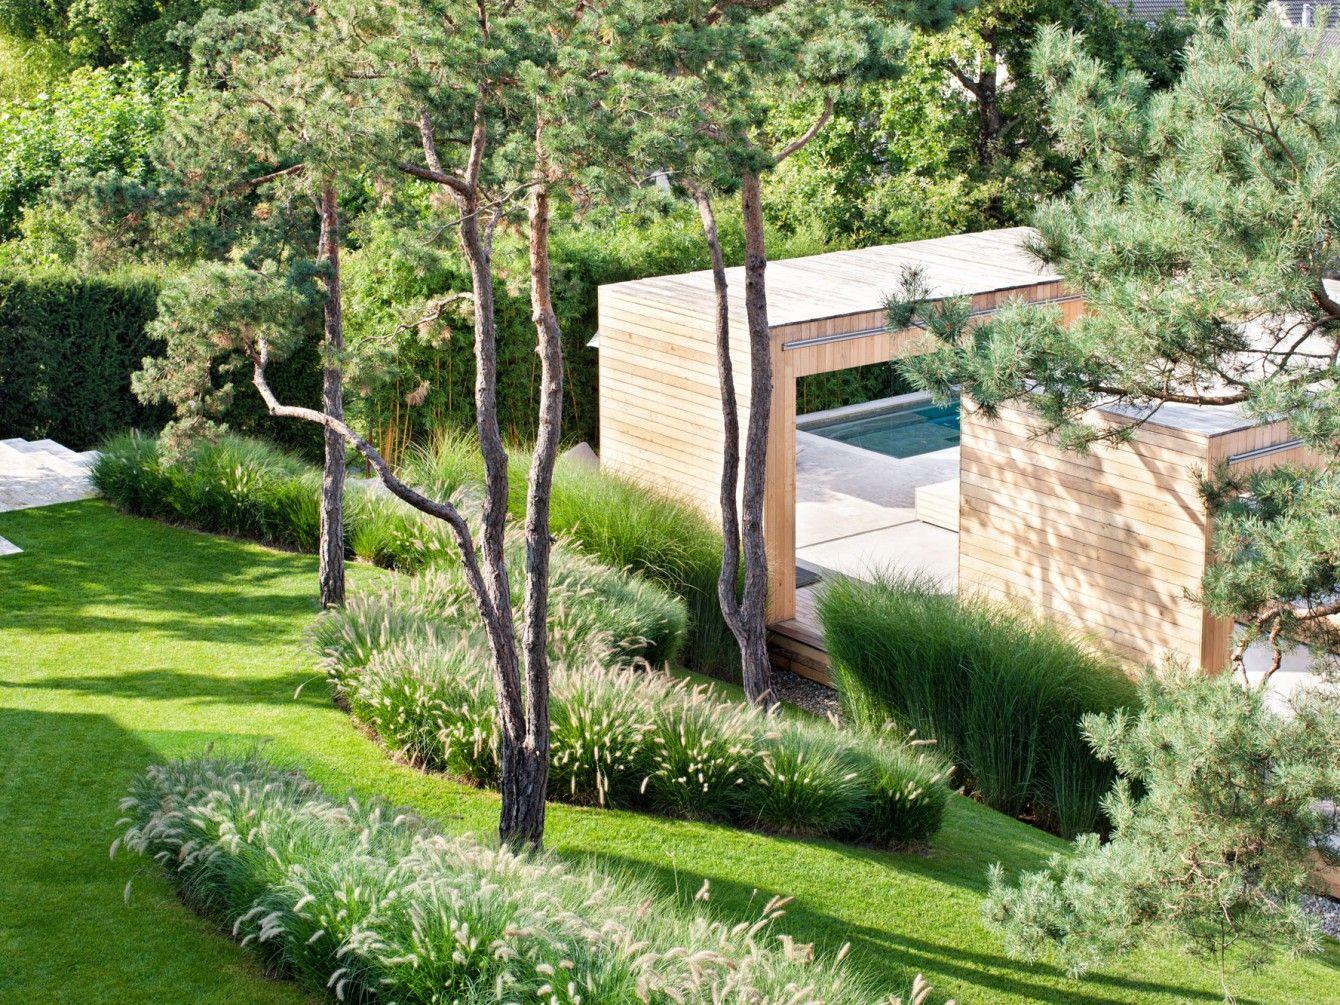 bildergebnis für enea garten | terrasse west | pinterest | gräser, Gartengerate ideen